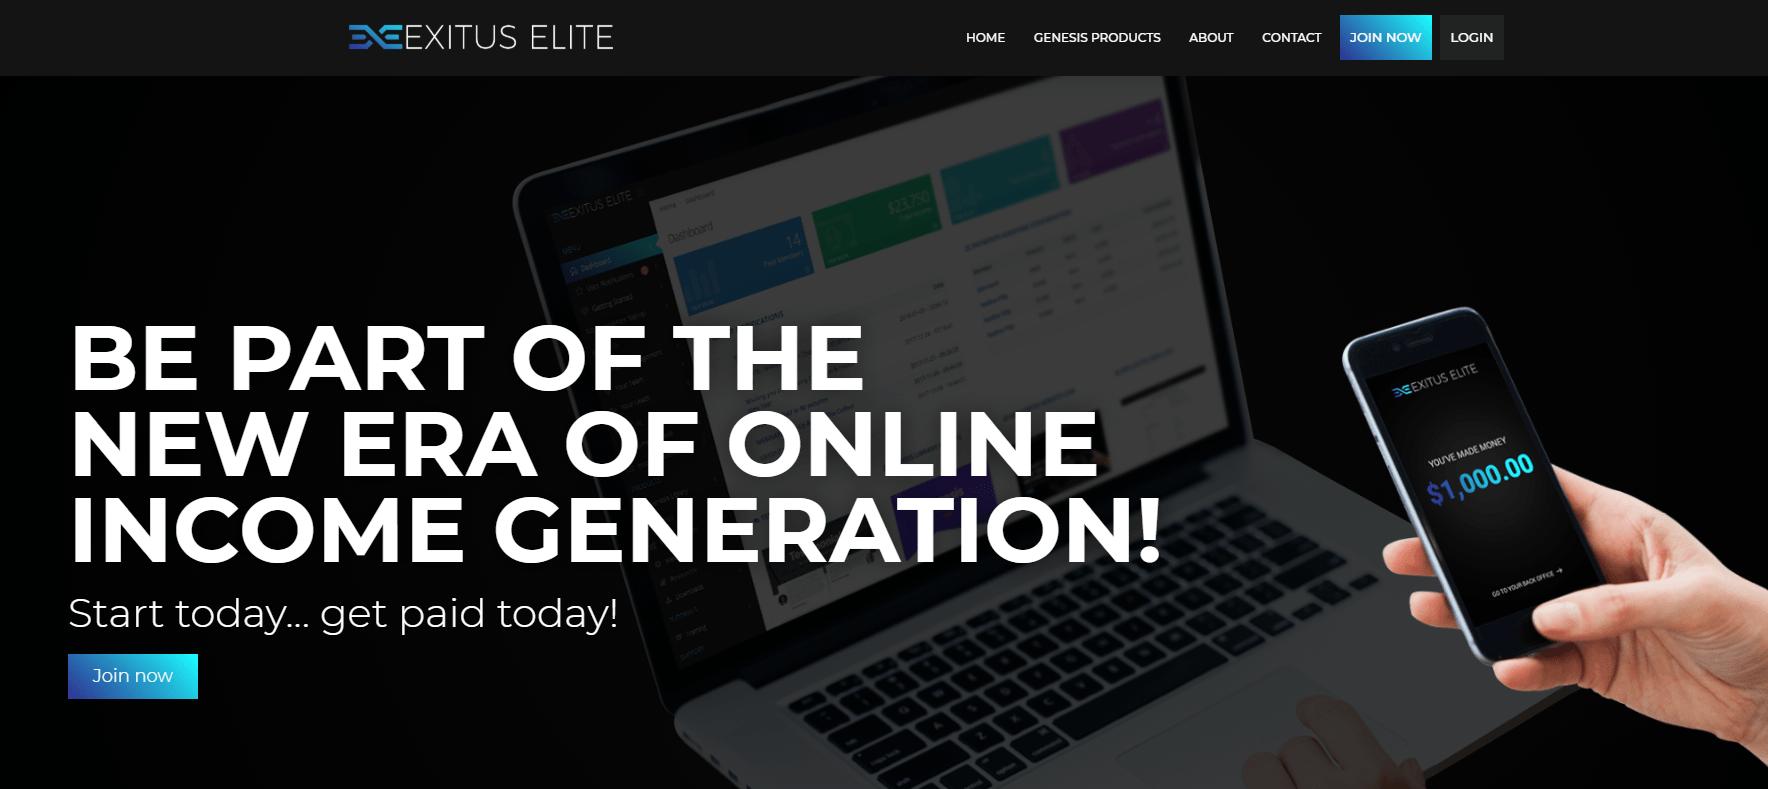 exitus elite website